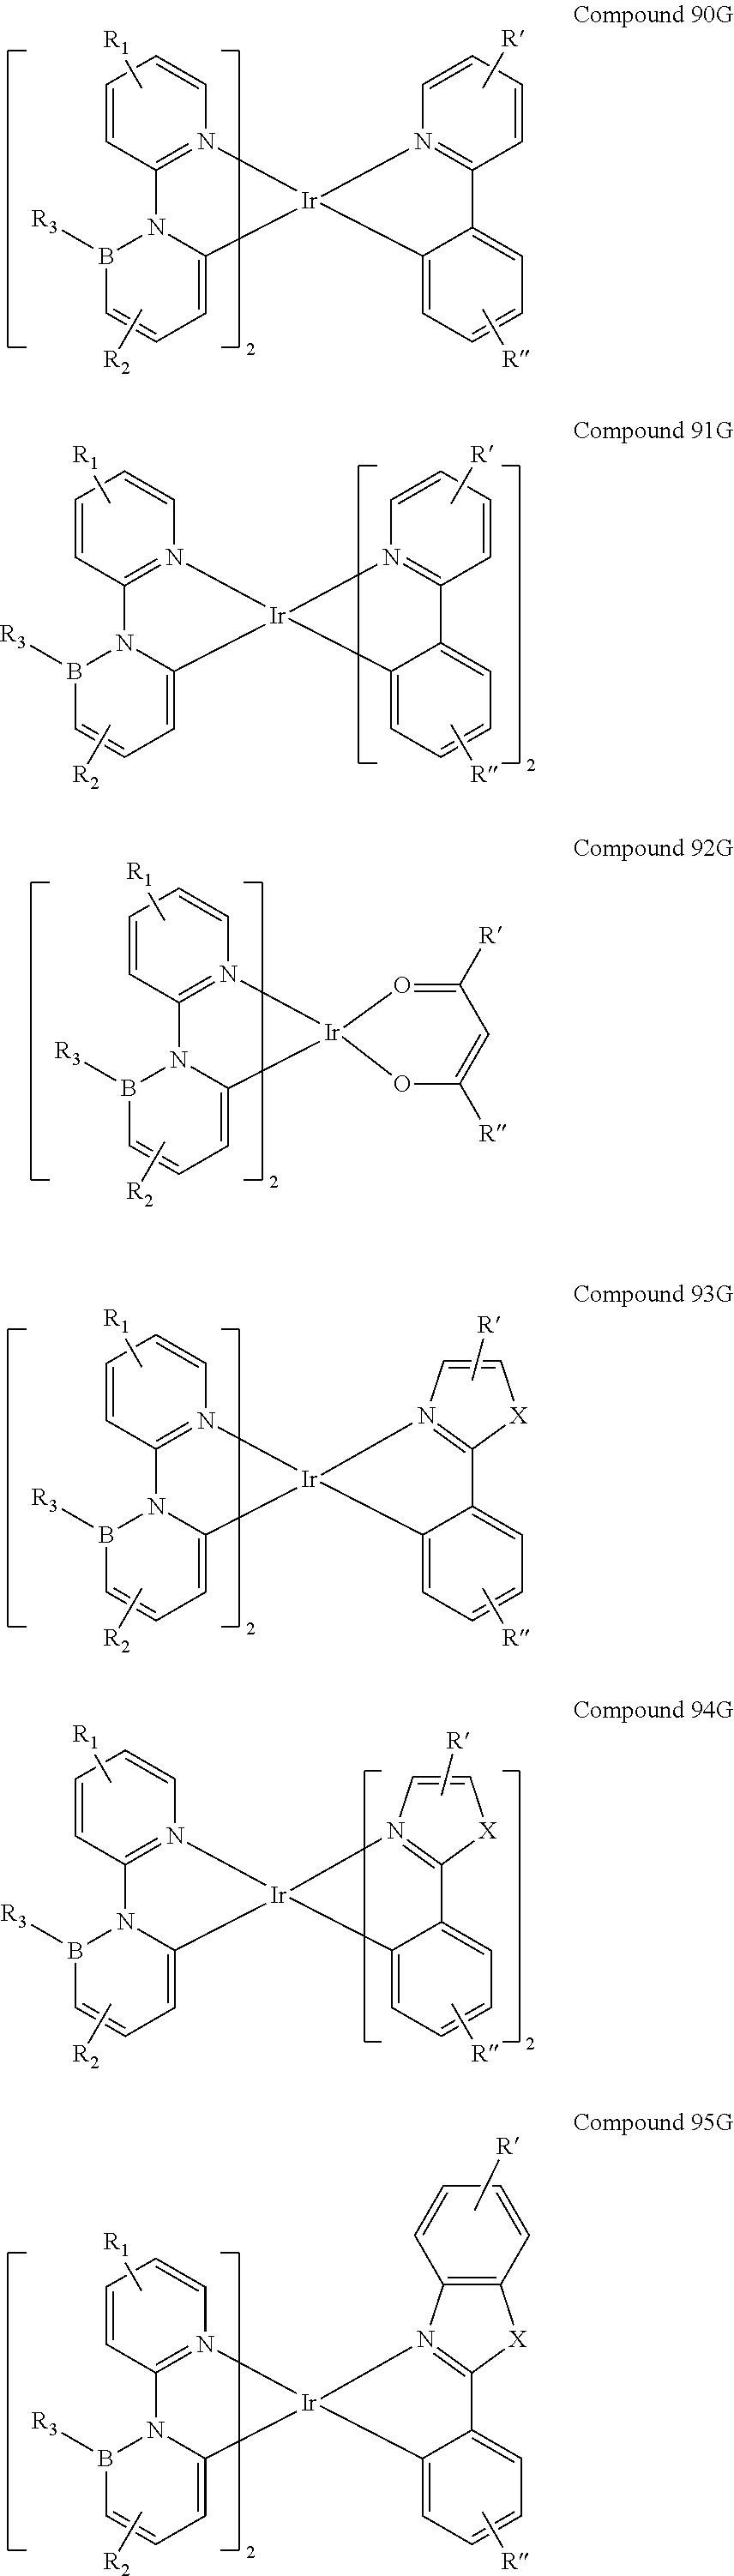 Figure US08586203-20131119-C00151